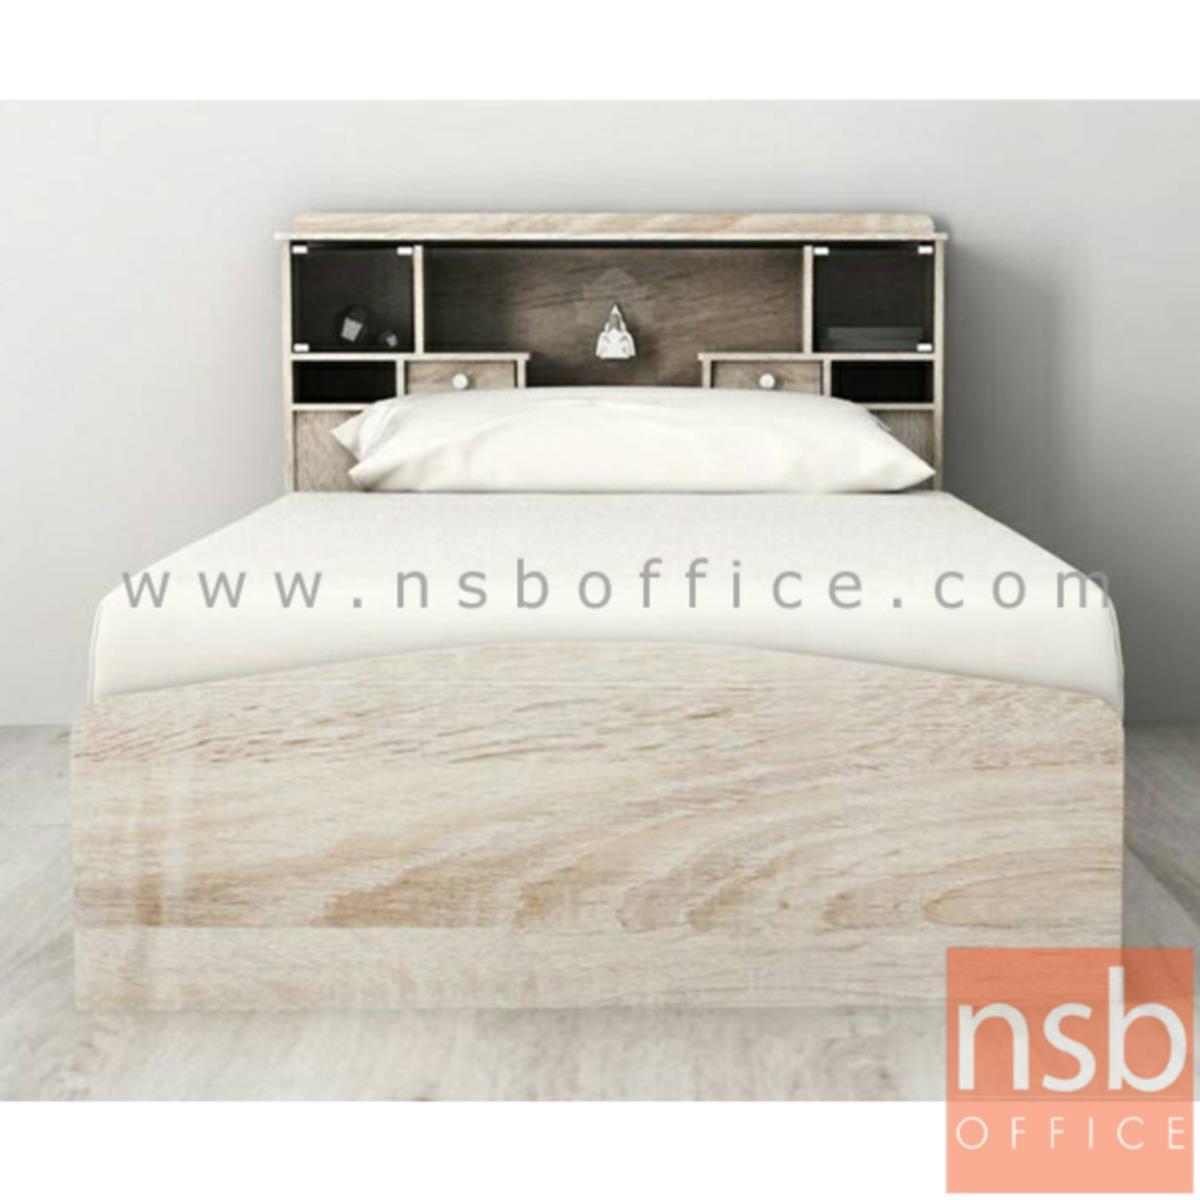 เตียงนอนไม้ปาร์ติเกิ้ลบอร์ด มีโคมไฟ  รุ่น Acacia (อคาเซีย)  ขนาด 3.5 ฟุต (ไม่รวมที่นอน)